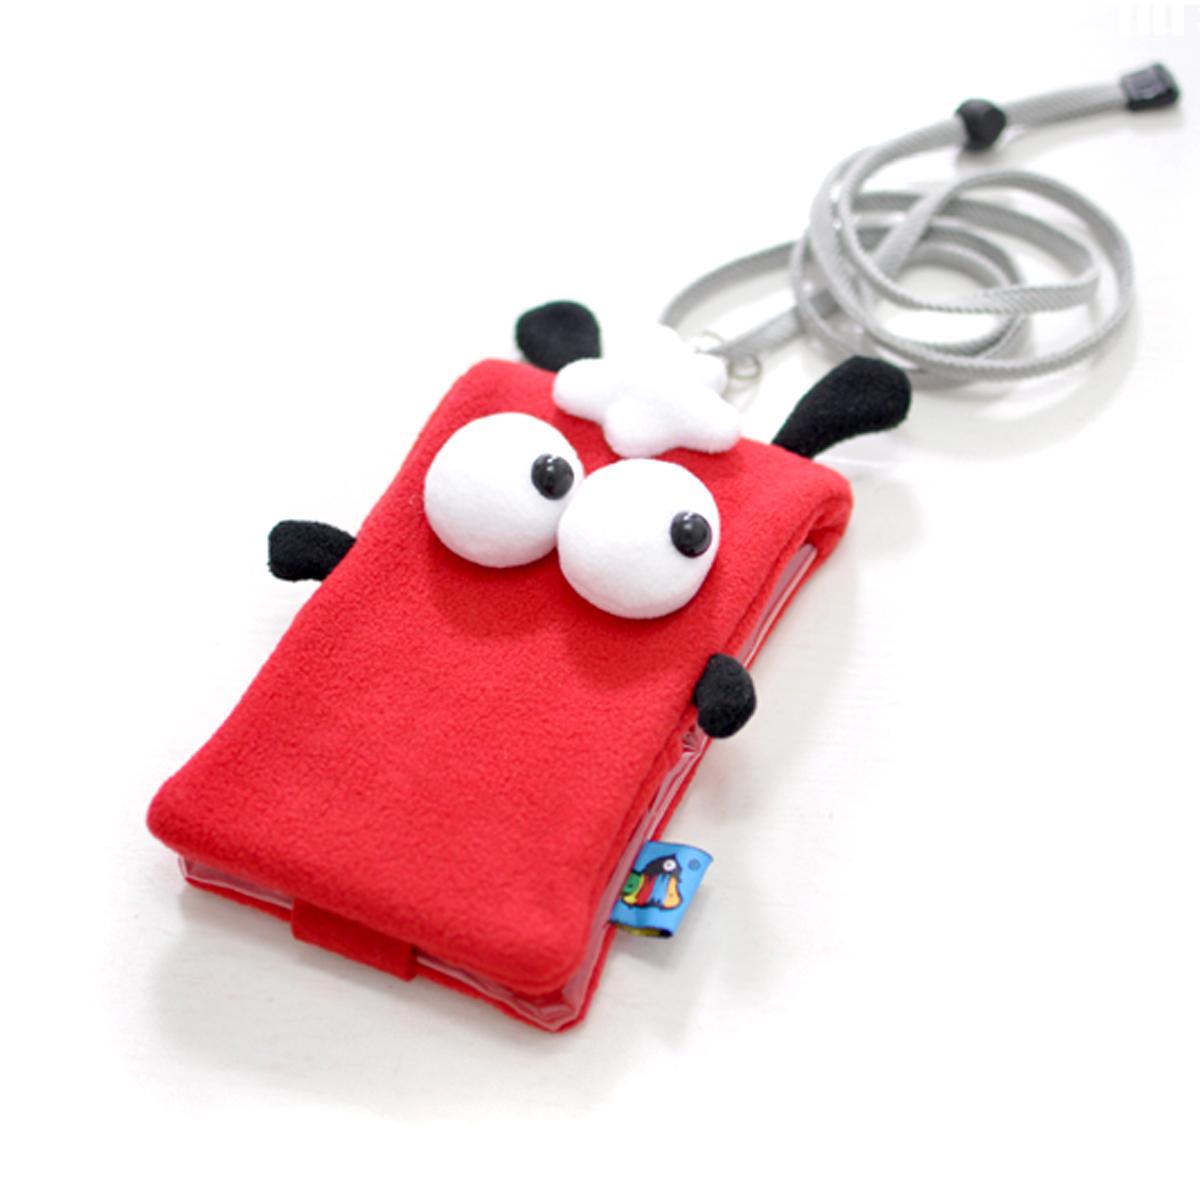 Чехлы, Накладки для телефонов, КПК Plumo Creative Studio  PLUMO Iphone6/6plus чехлы накладки для телефонов кпк phone shell iphone6 iphone5s 6plus 4s